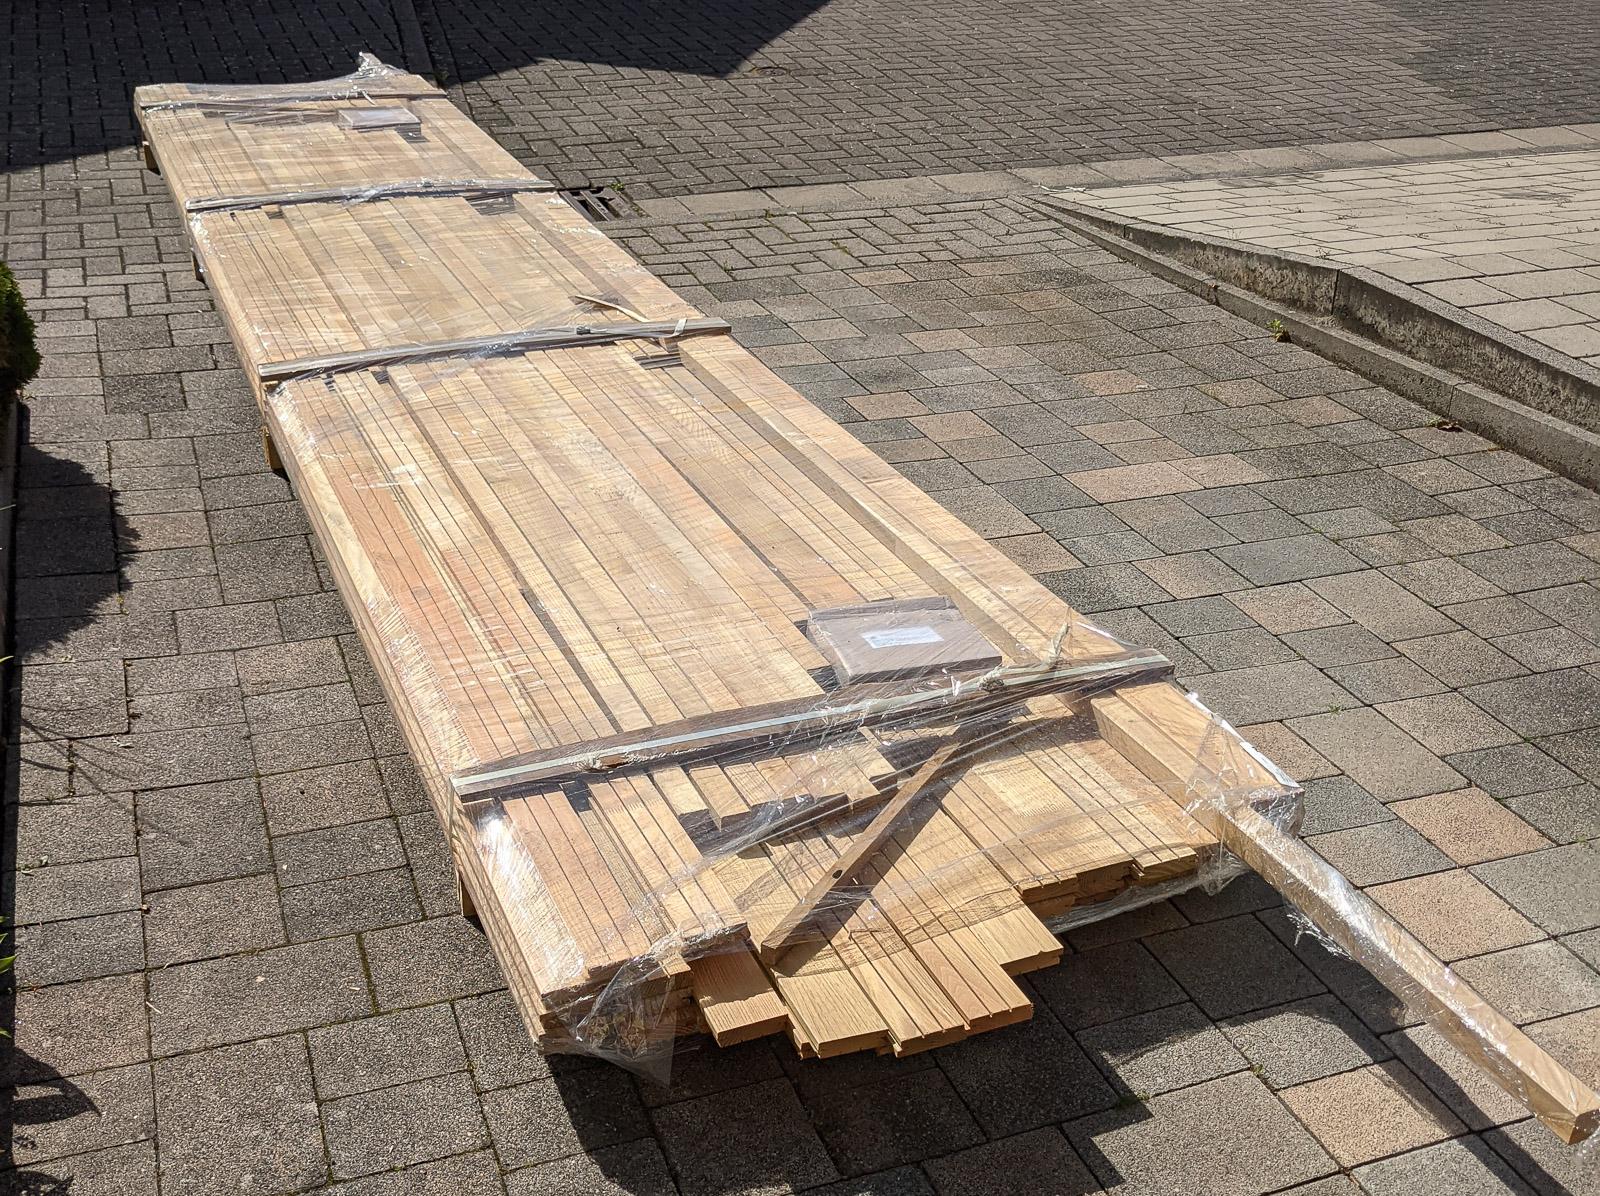 Anlieferung Ihres Pakets mit dem Robinienholz